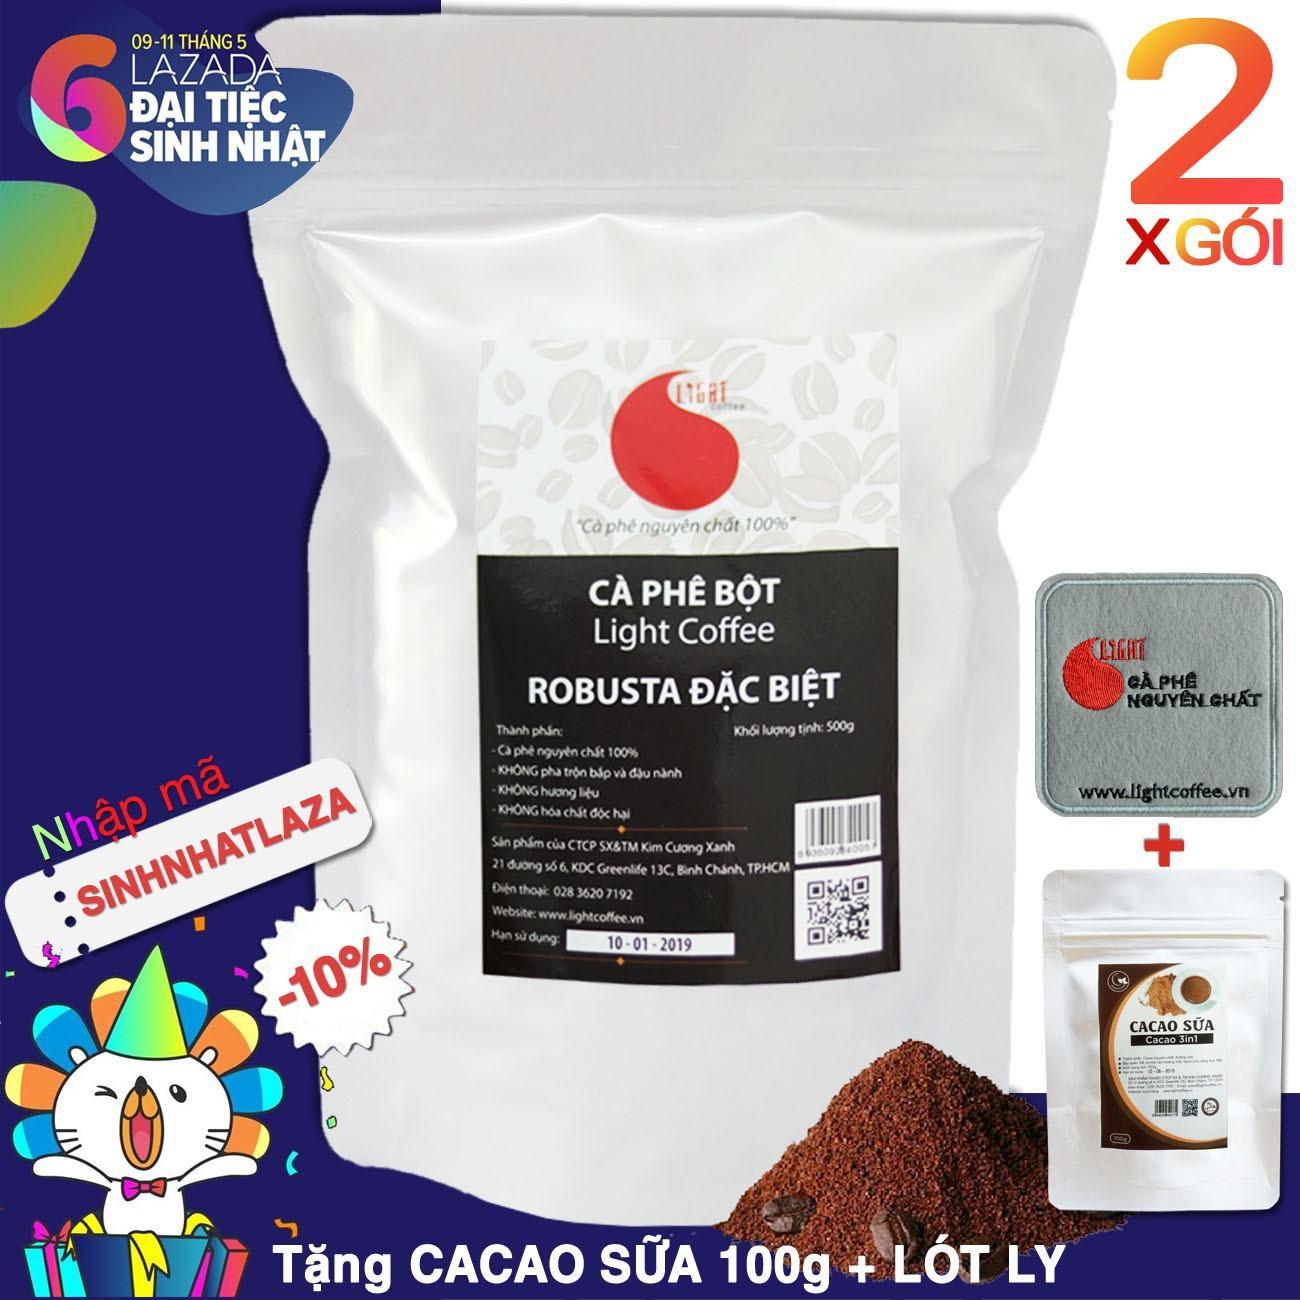 02 Goi 1Kg Ca Phe Robusta Nguyen Chất 100 Đặc Biệt Light Coffee Hồ Chí Minh Chiết Khấu